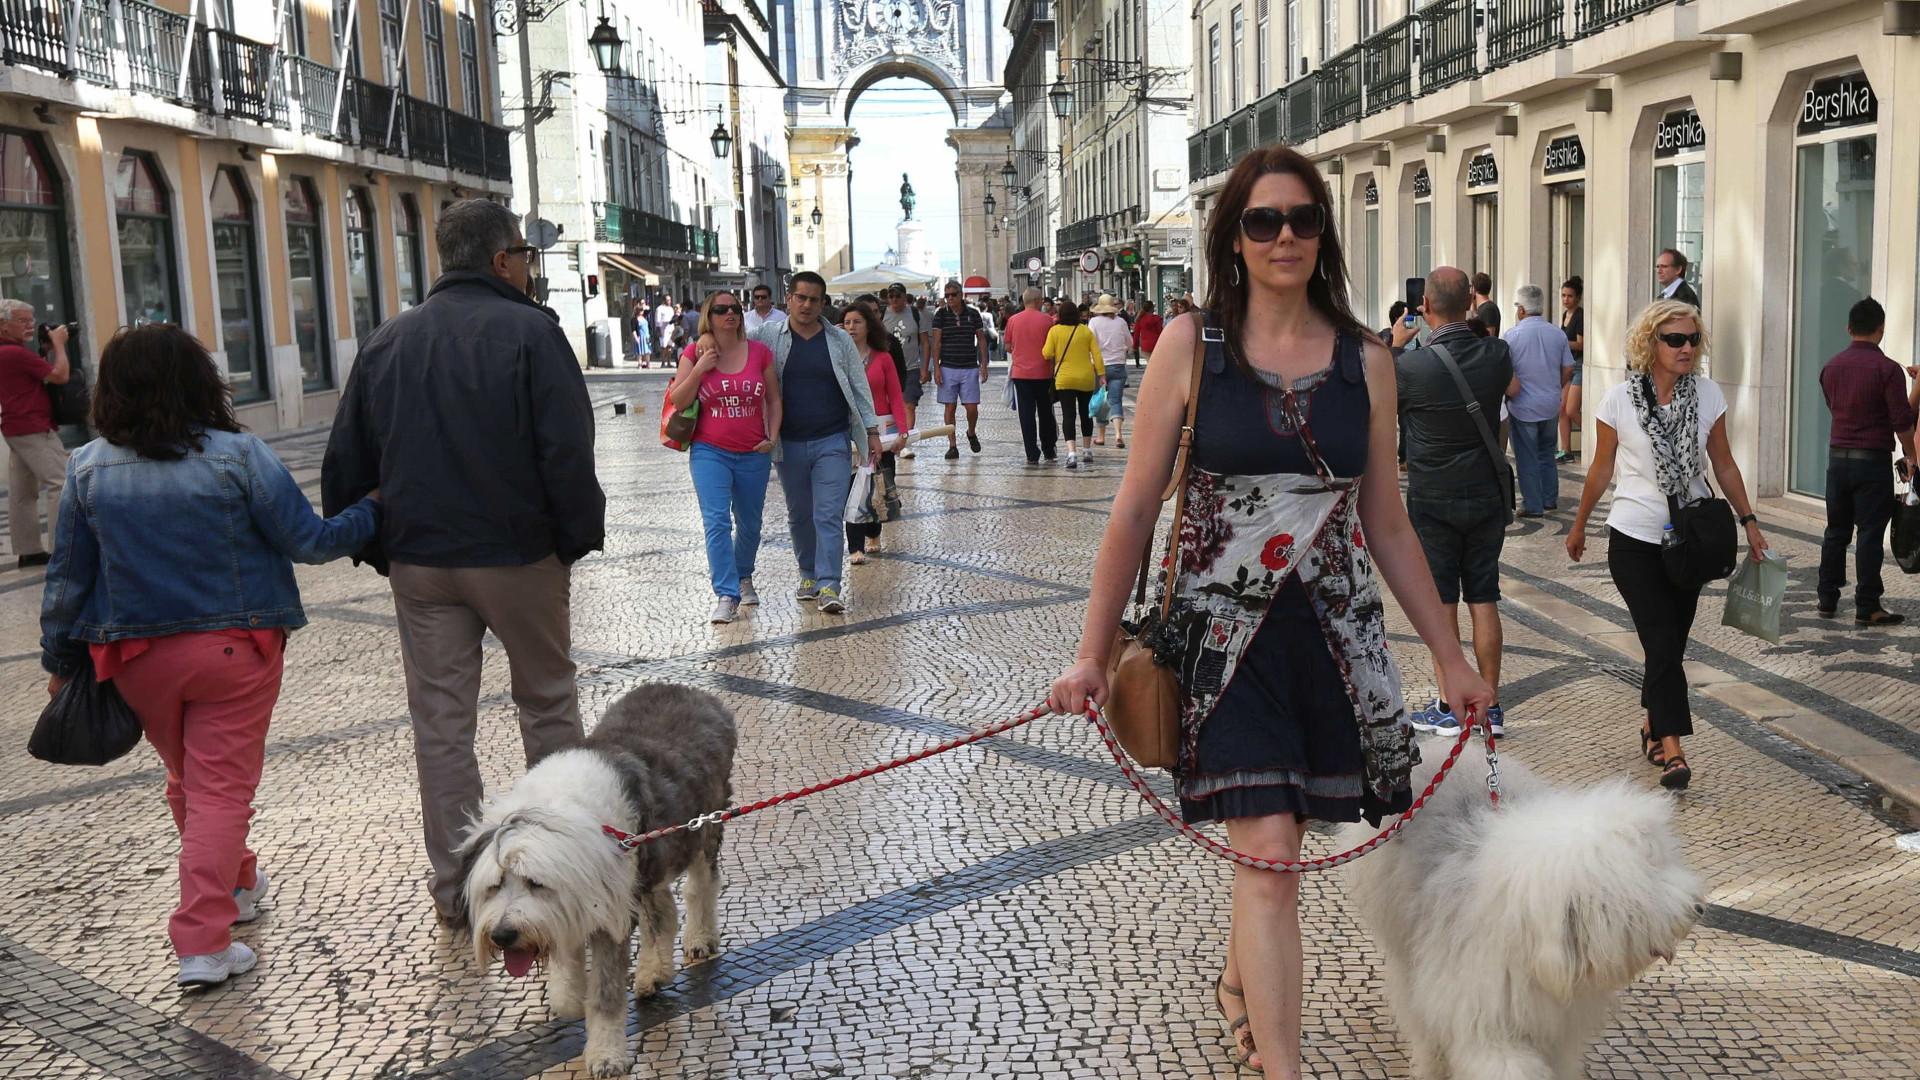 Colocação de barreiras de segurança em Lisboa estava em estudo há meses